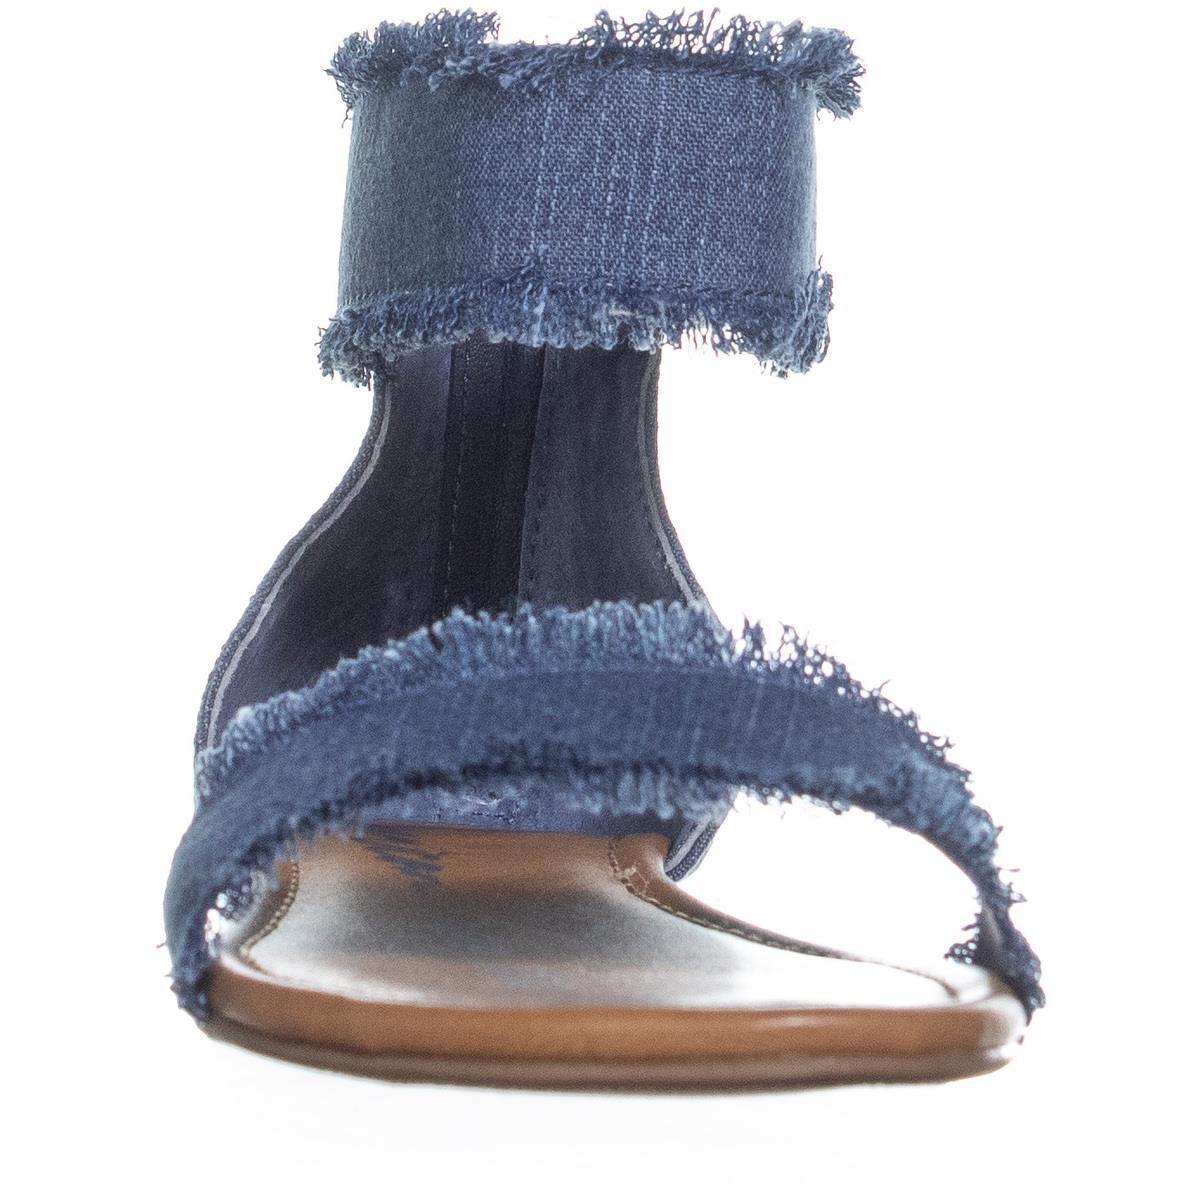 9566a7cc694 Lyst - American Rag Ar35 Keley Ankle Strap Flat Sandals